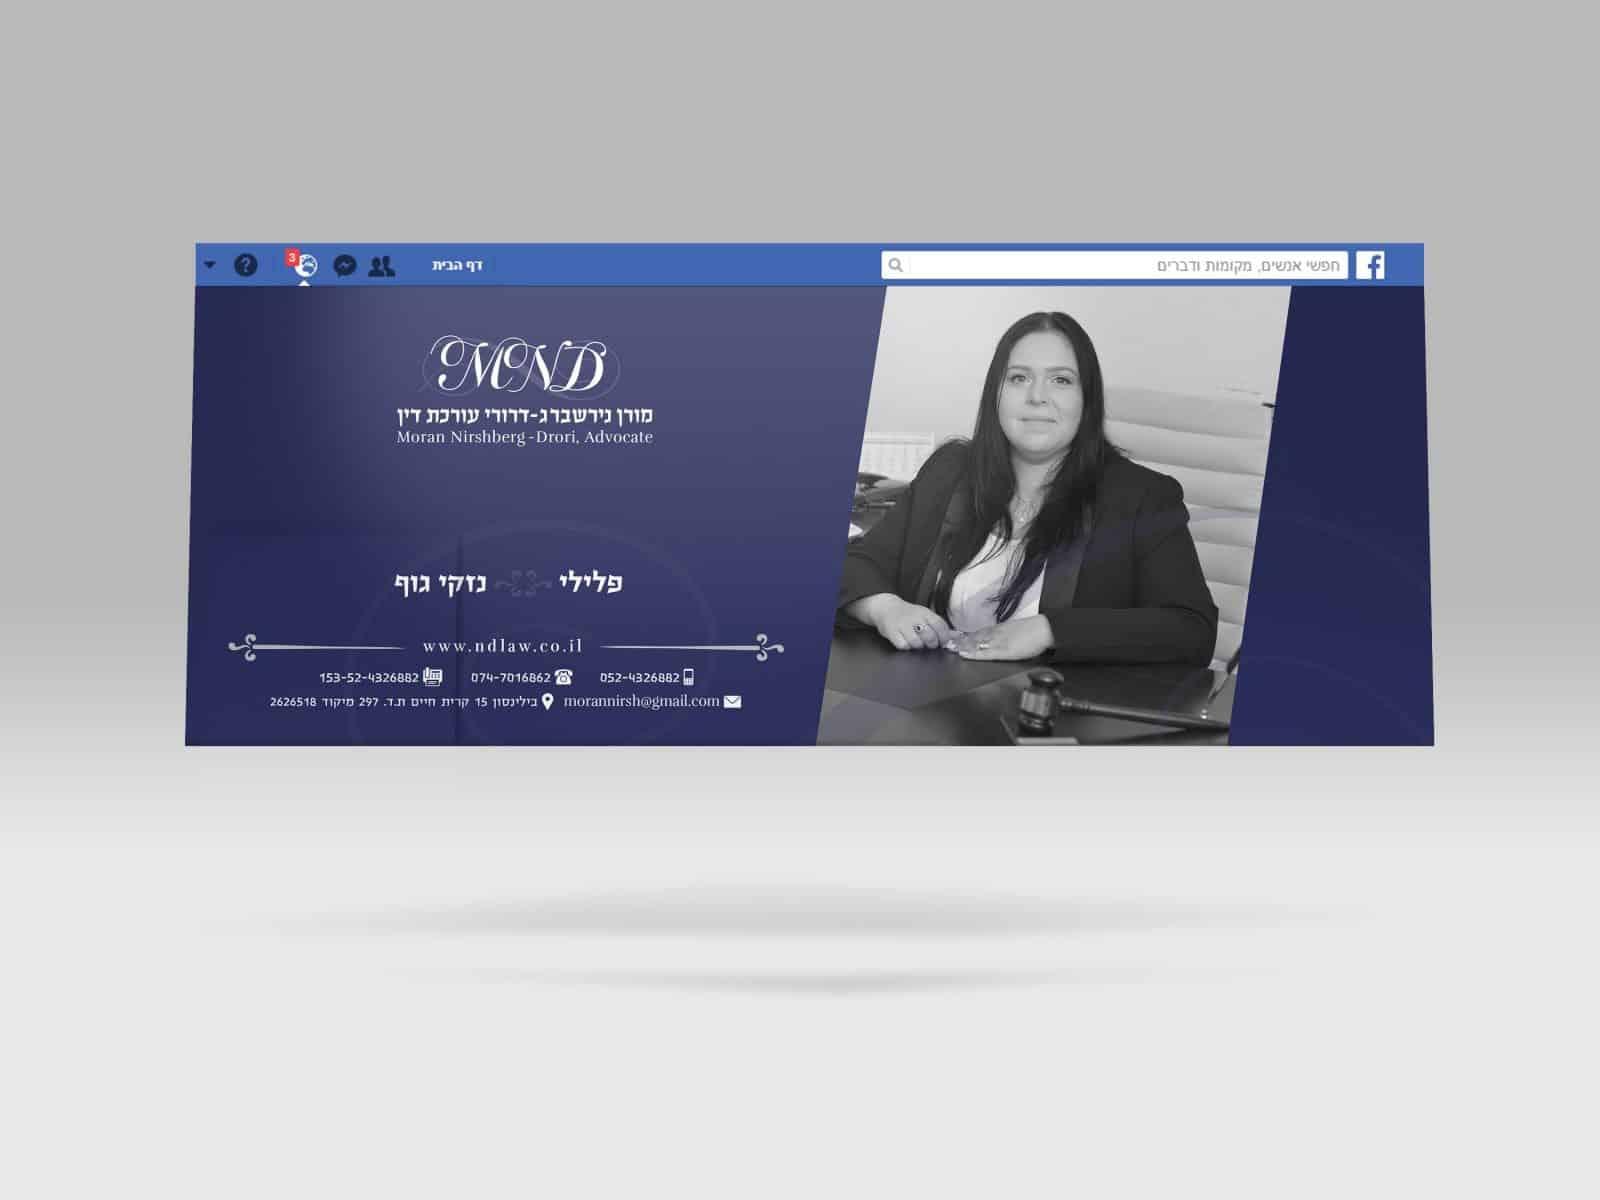 עיצוב קאבר לעורכת דין בפייסבוק